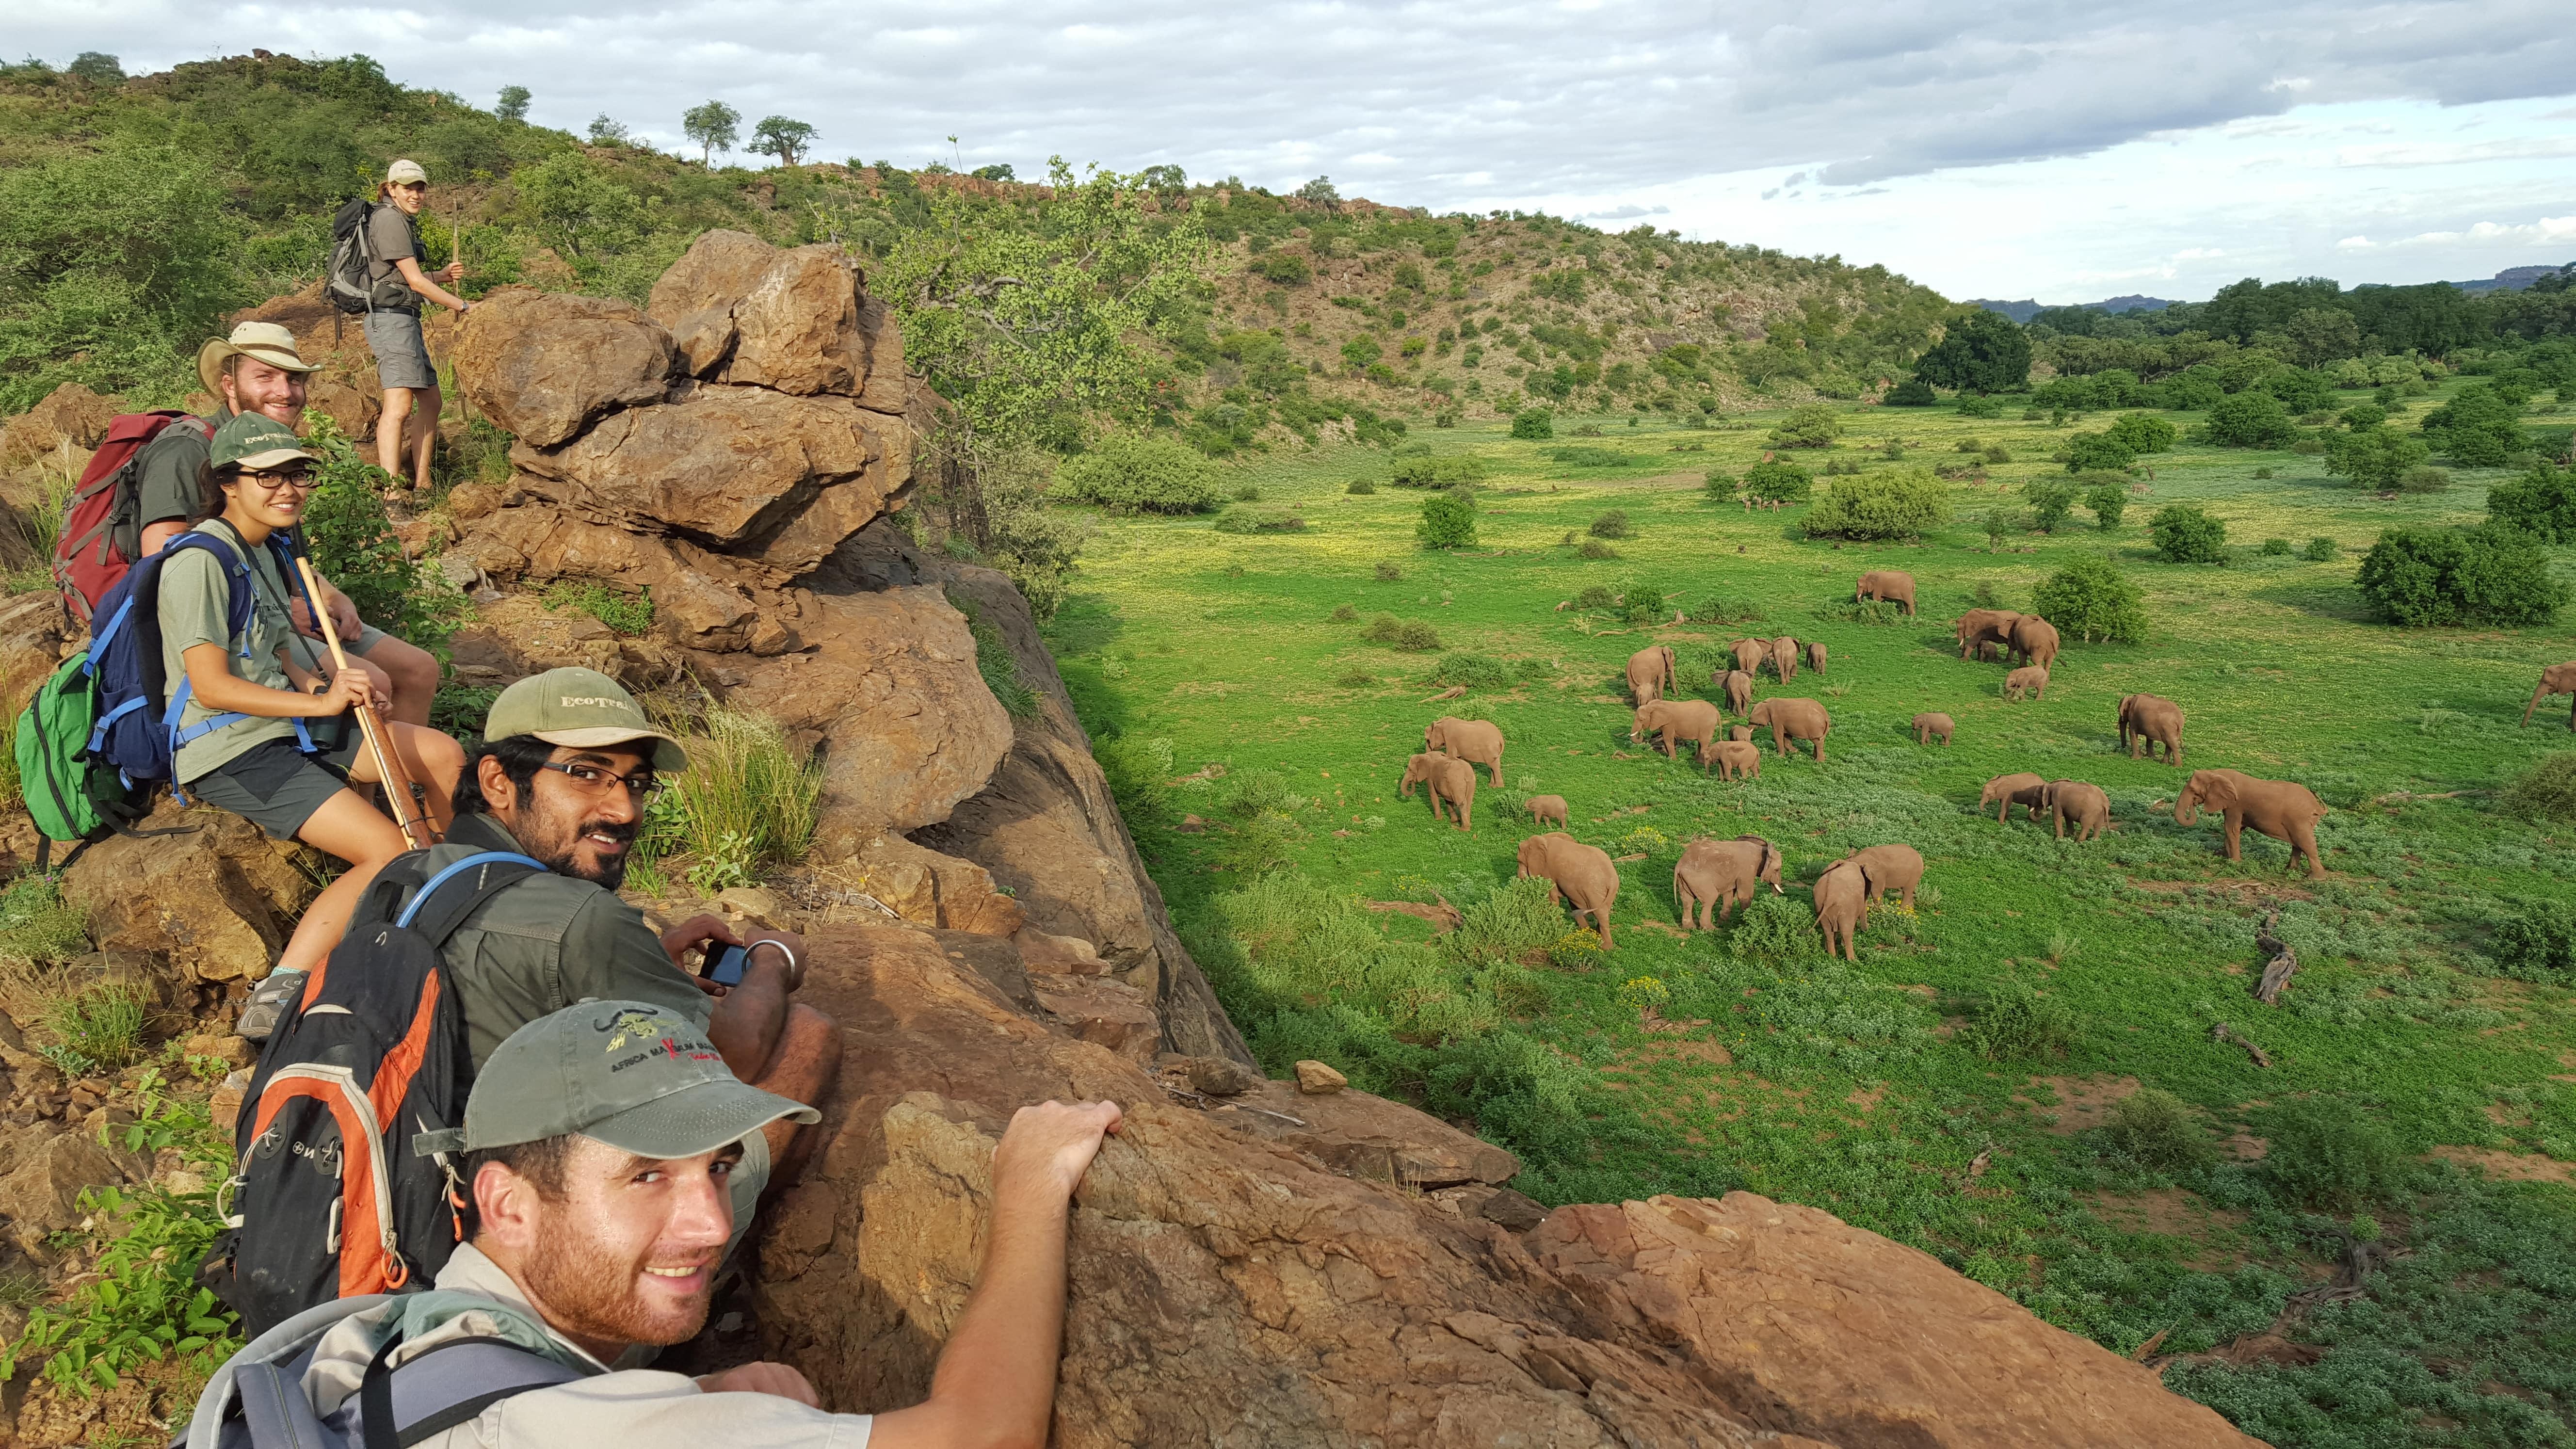 Dieses Bild hat ein leeres Alt-Attribut. Der Dateiname ist Ranger_Ausbildung_Sudafrika_Landschaft_Reisegruppe-18-min.jpg